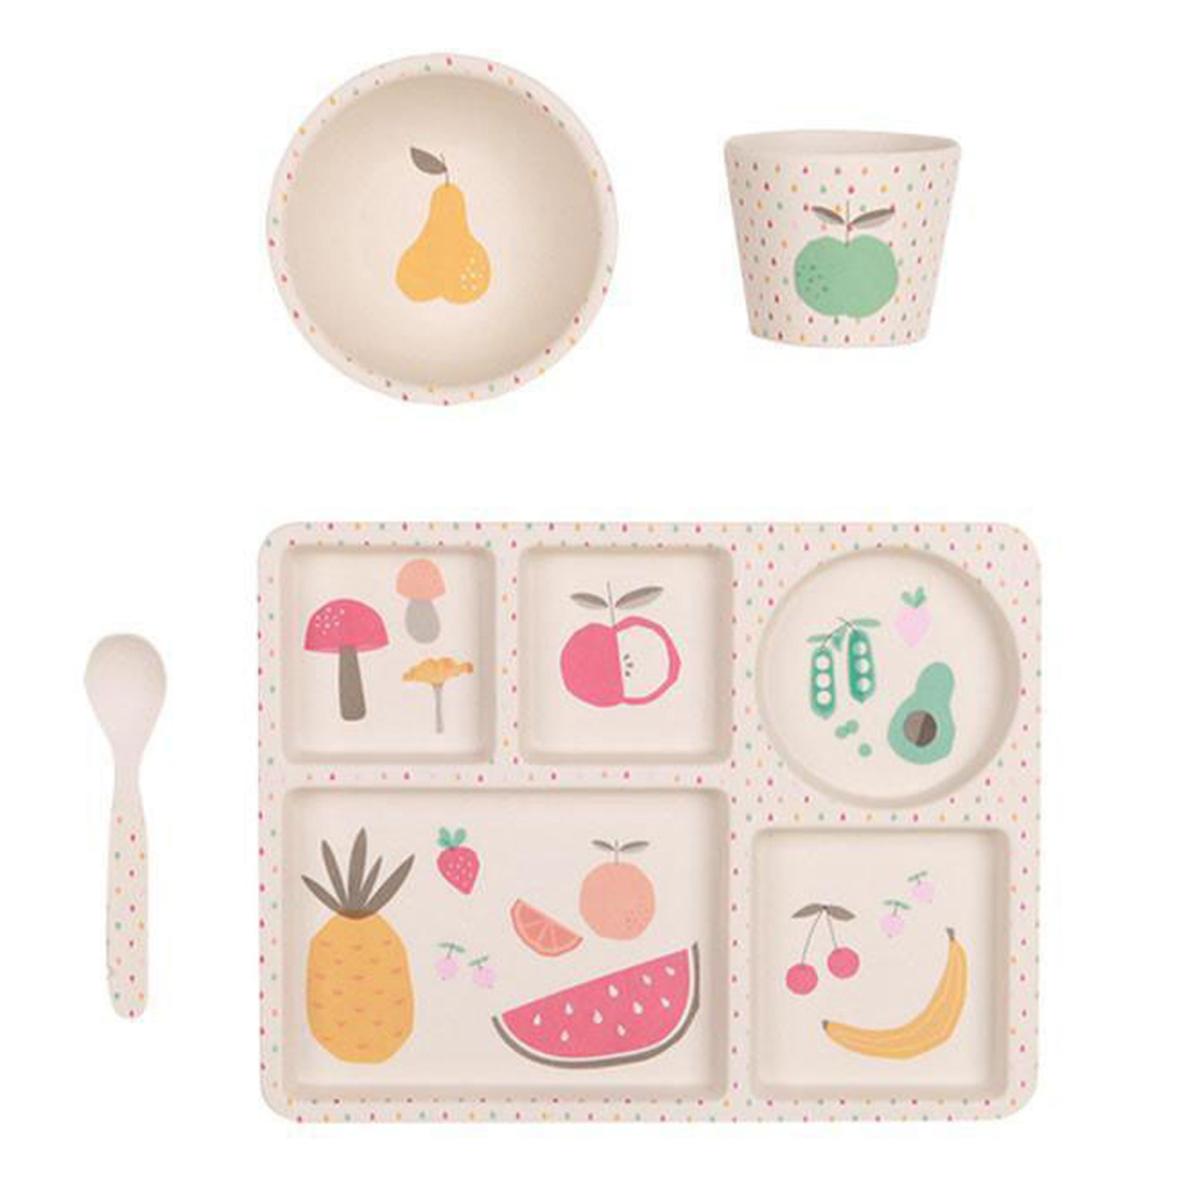 Coffret repas Coffret de Vaisselle - Fruits & Légumes Coffret de Vaisselle - Fruits & Légumes